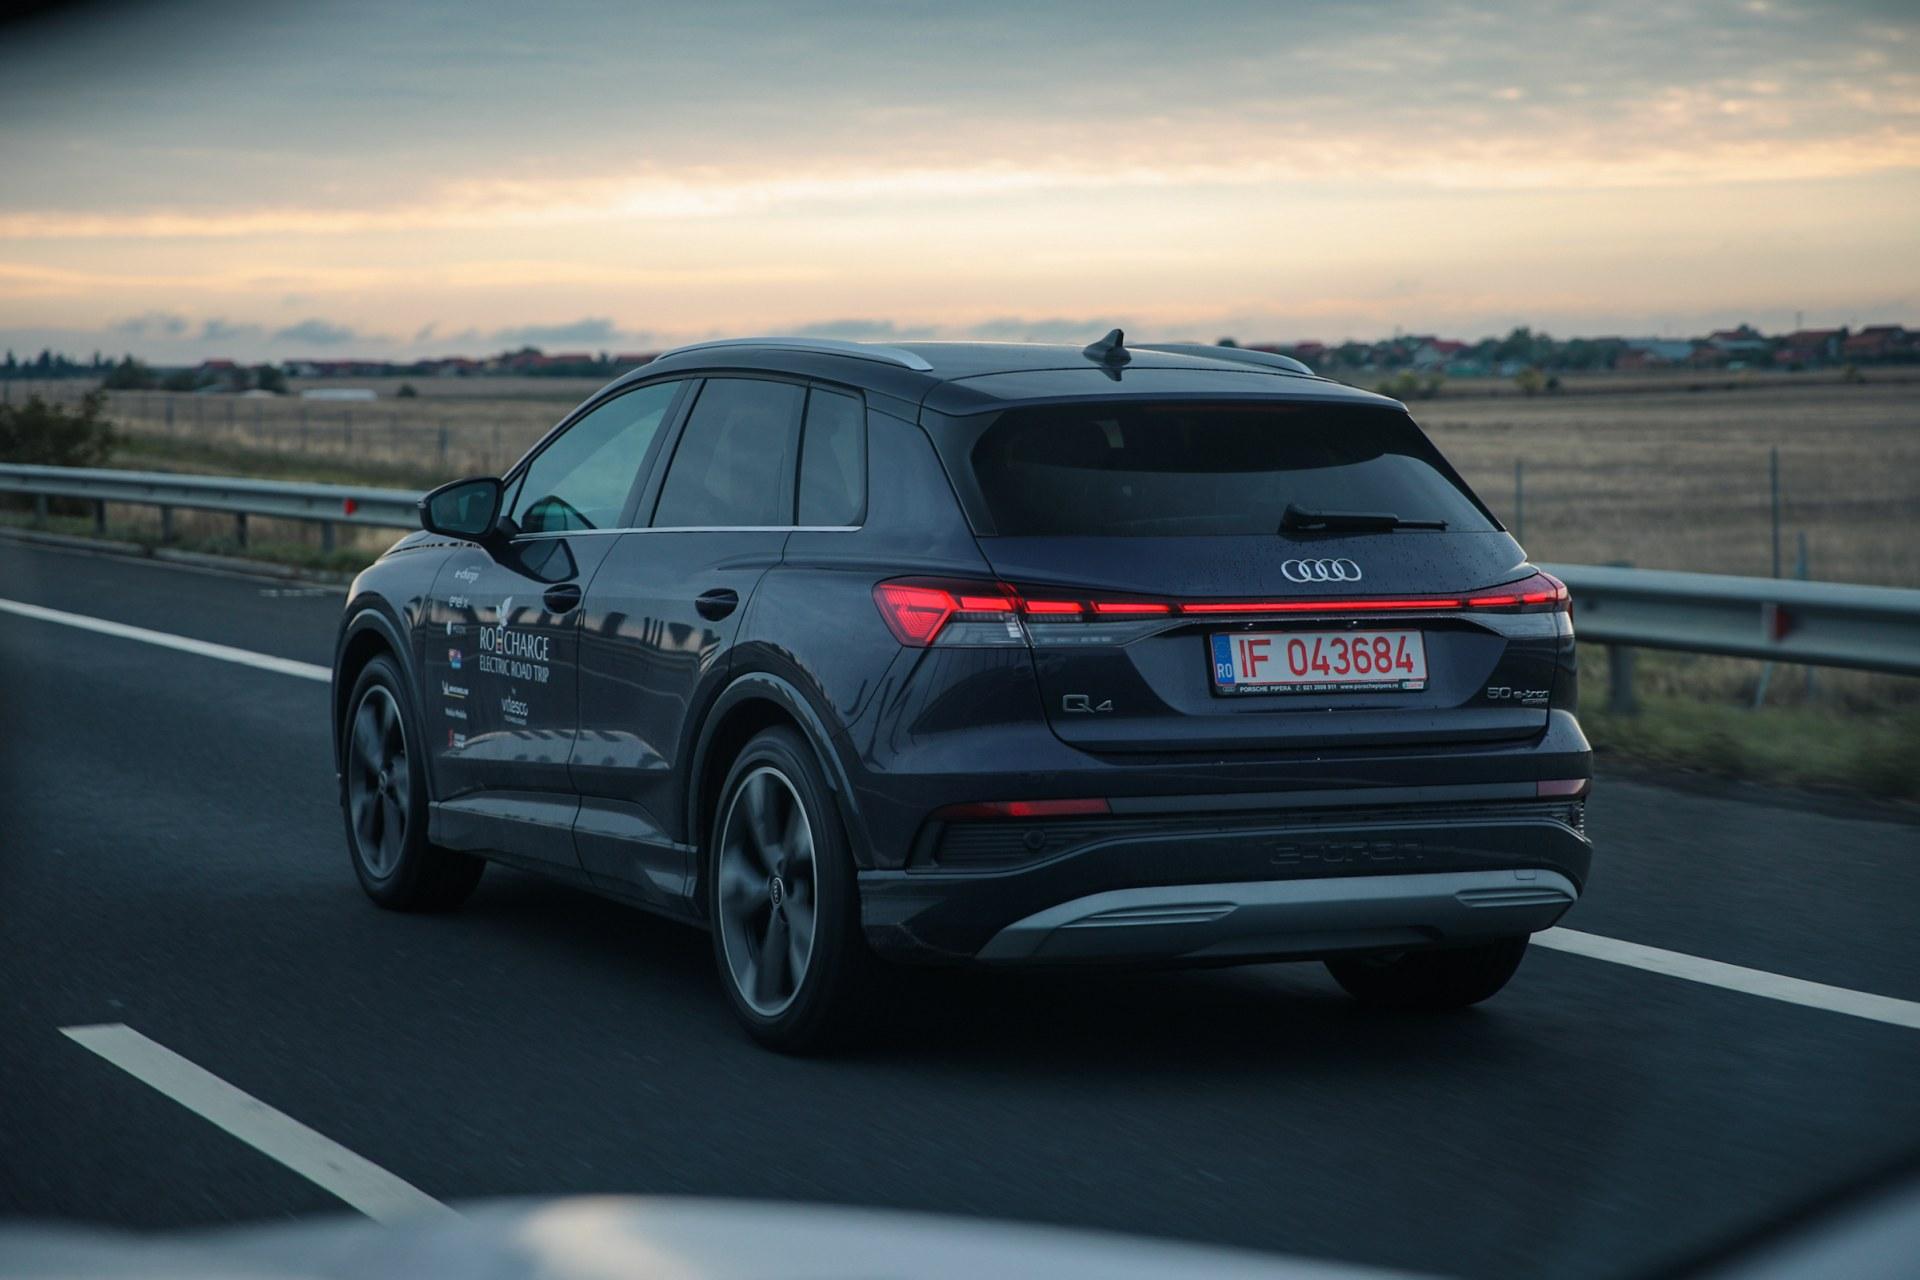 driven-2021-audi-q4-e-tron-50-quattro-audi-s-version-of-the-id4_45.jpg